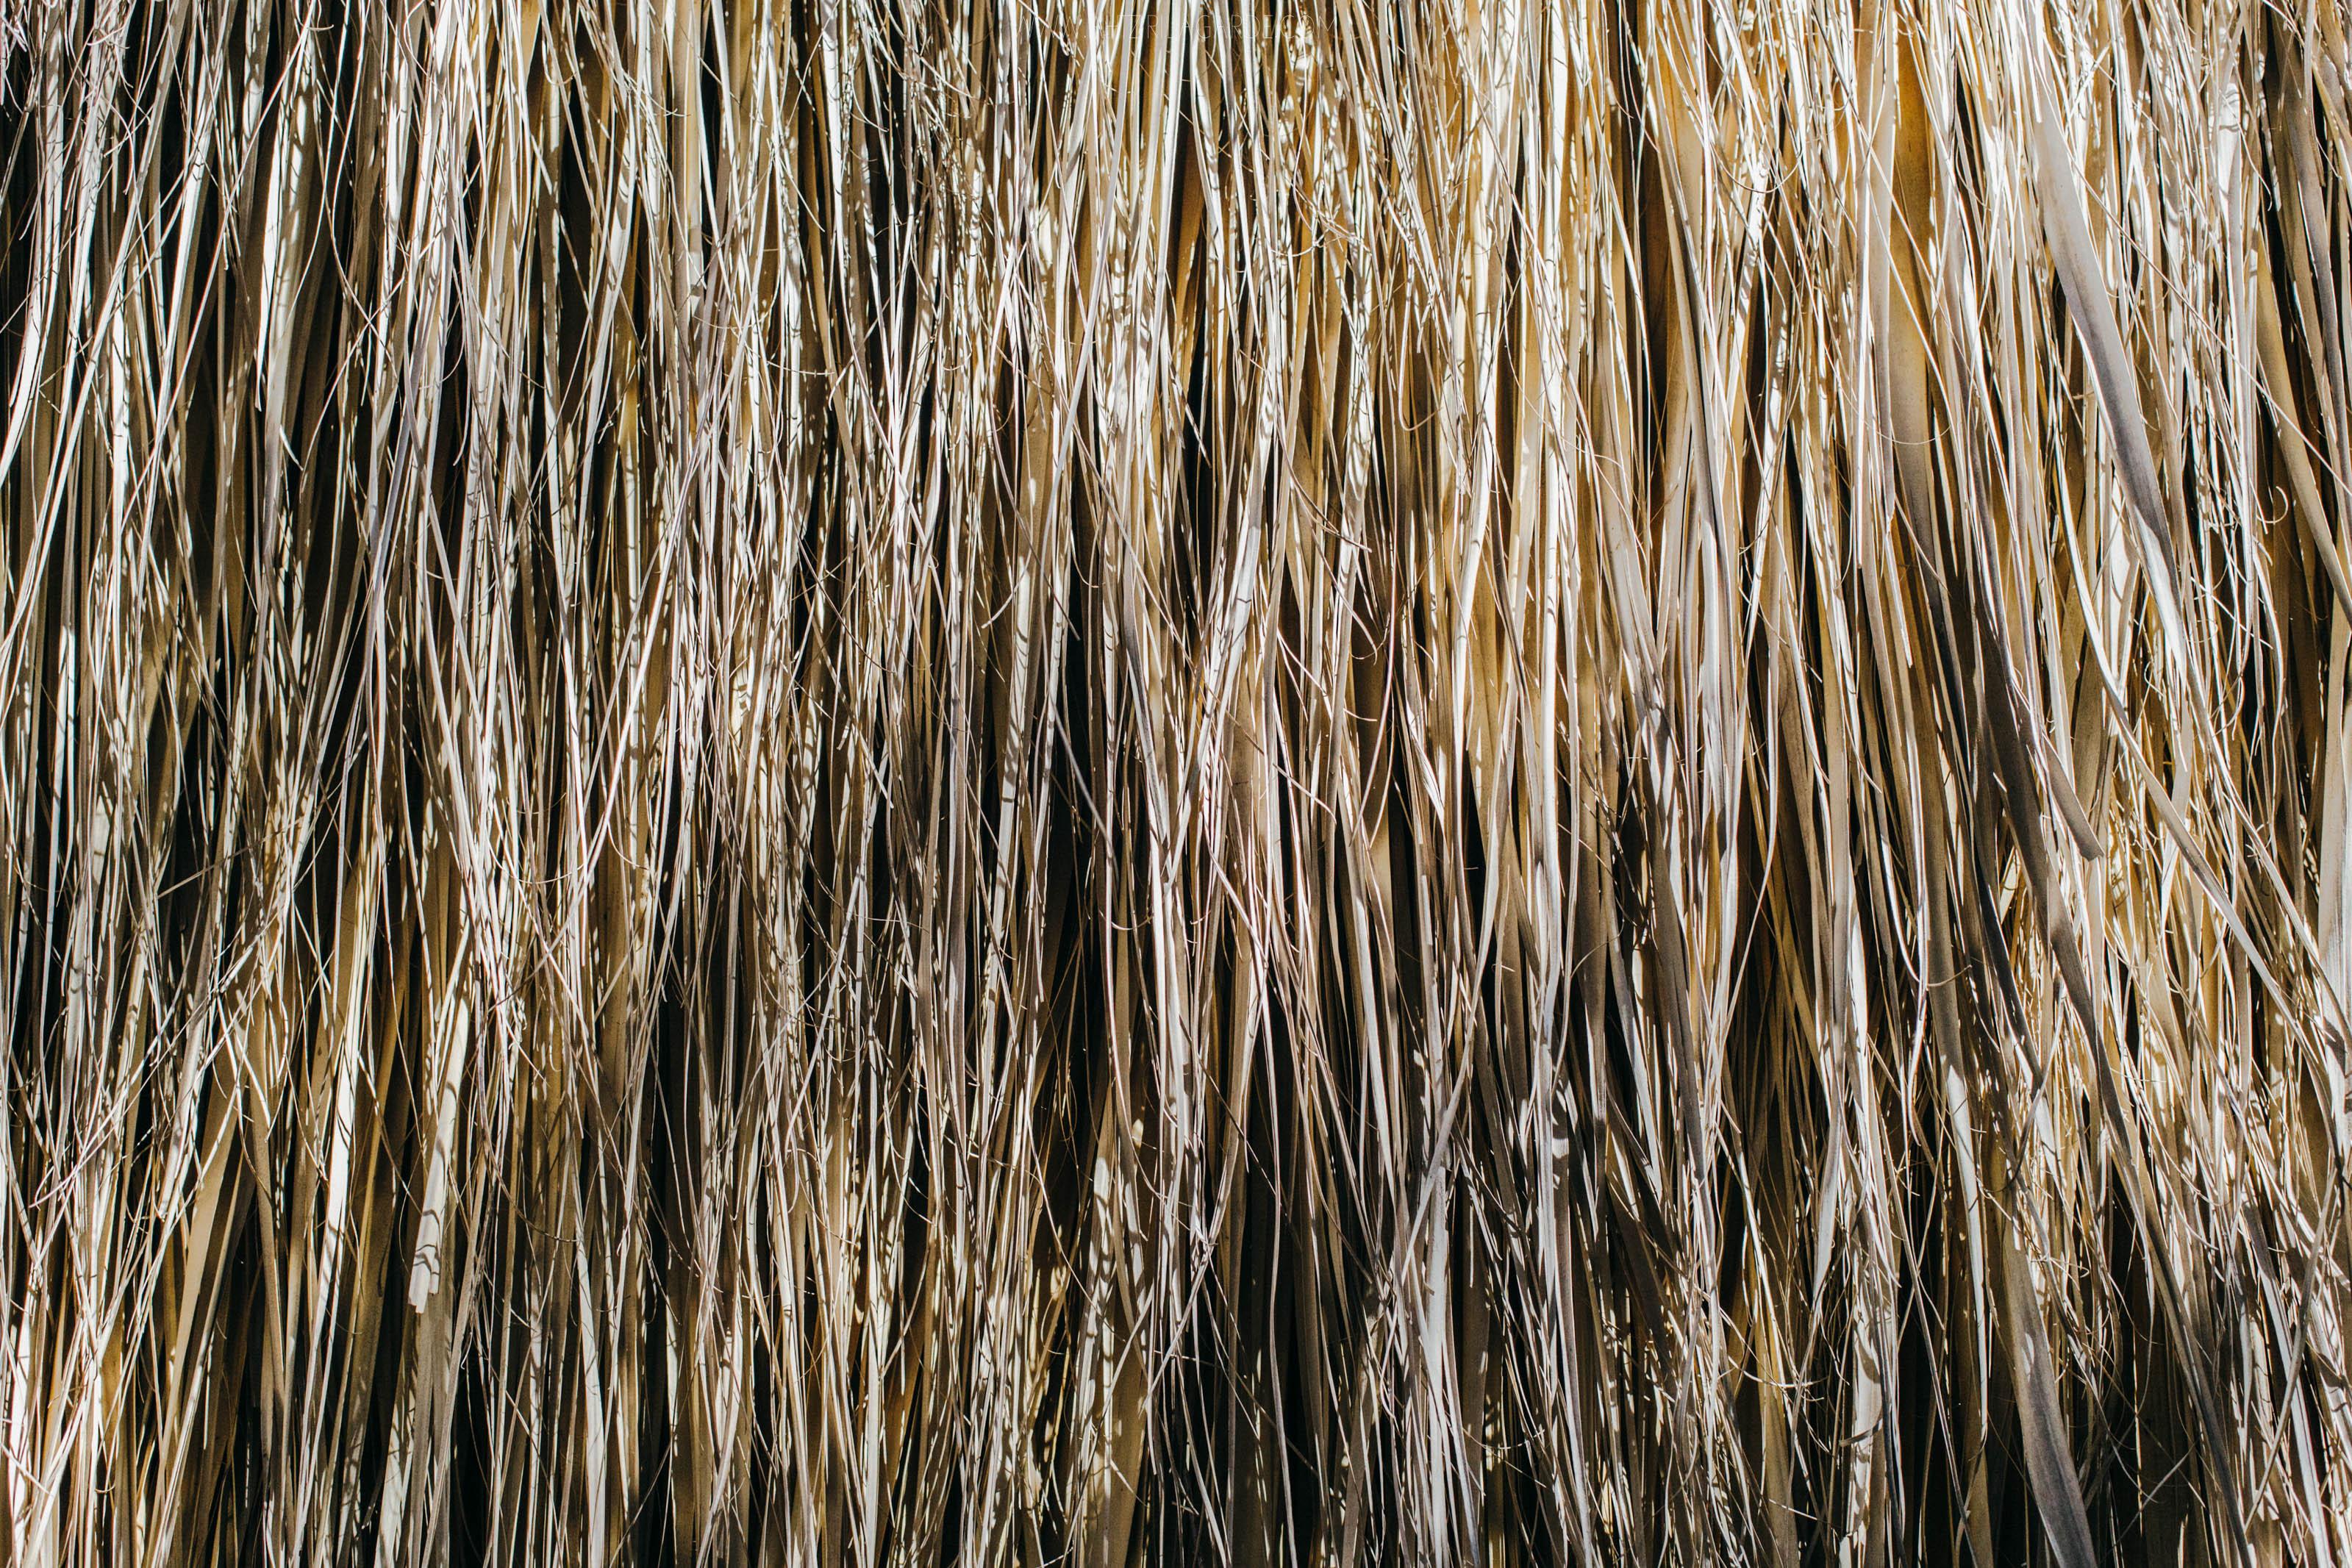 Oaxaca straw